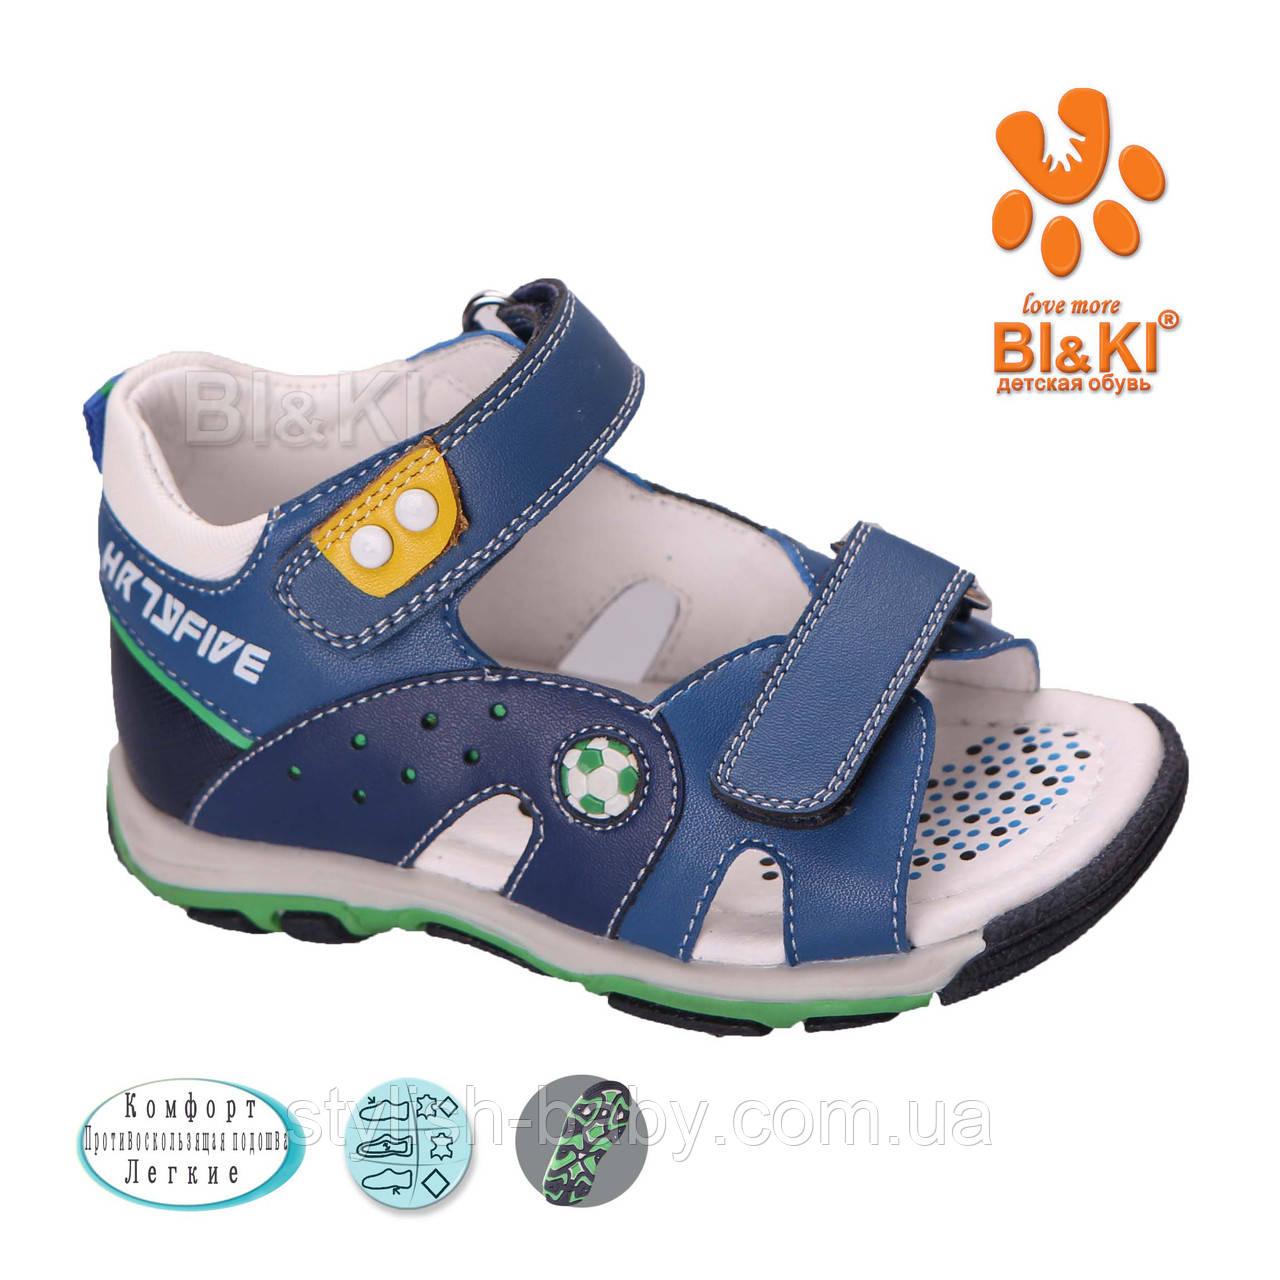 Дитяче літнє взуття оптом. Дитячі босоніжки бренду Tom.m (Bi&Ki) для хлопчиків (рр. з 21 по 26)